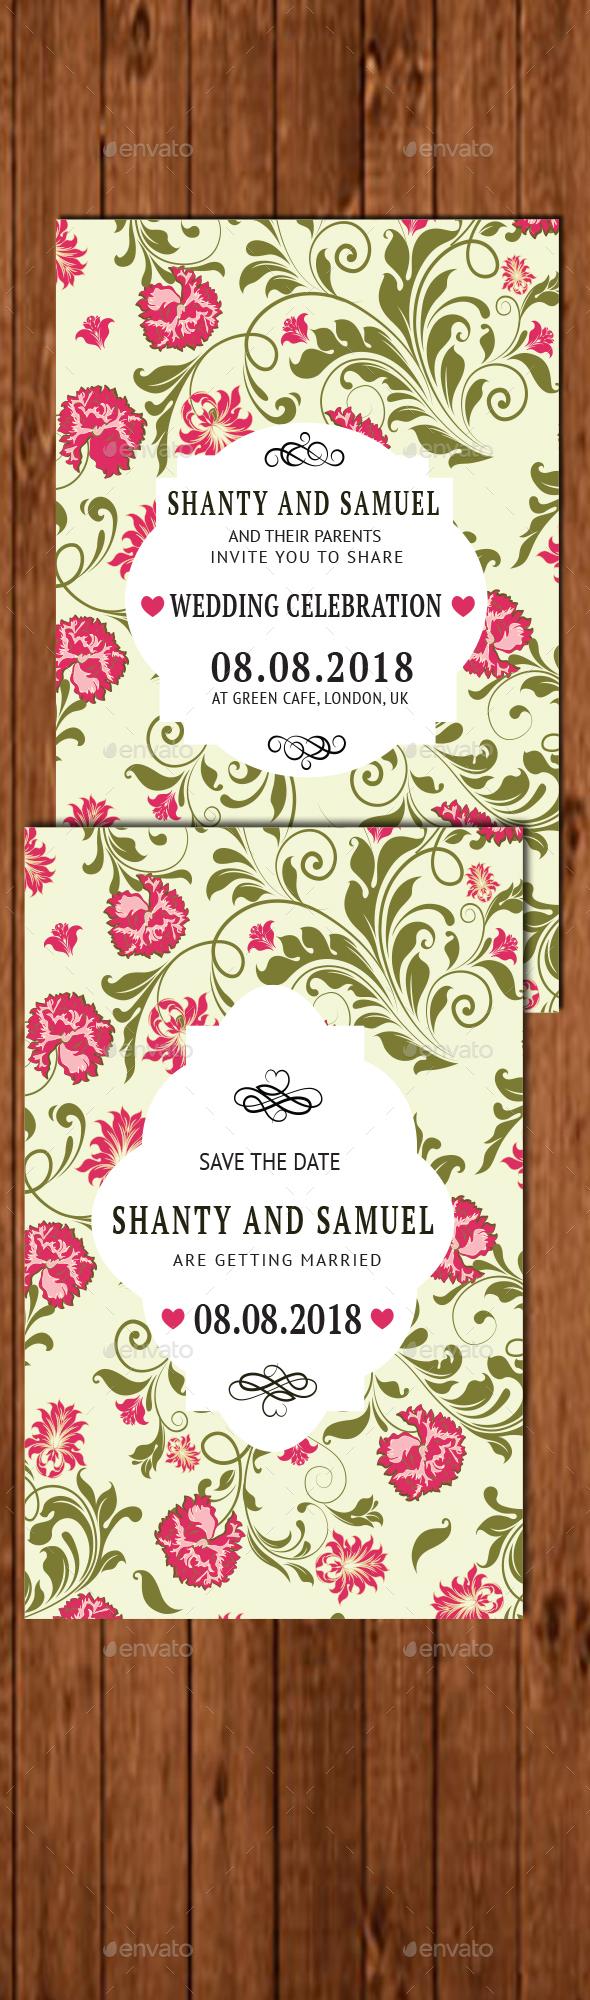 Simple Wedding Invitation 2 - Weddings Cards & Invites